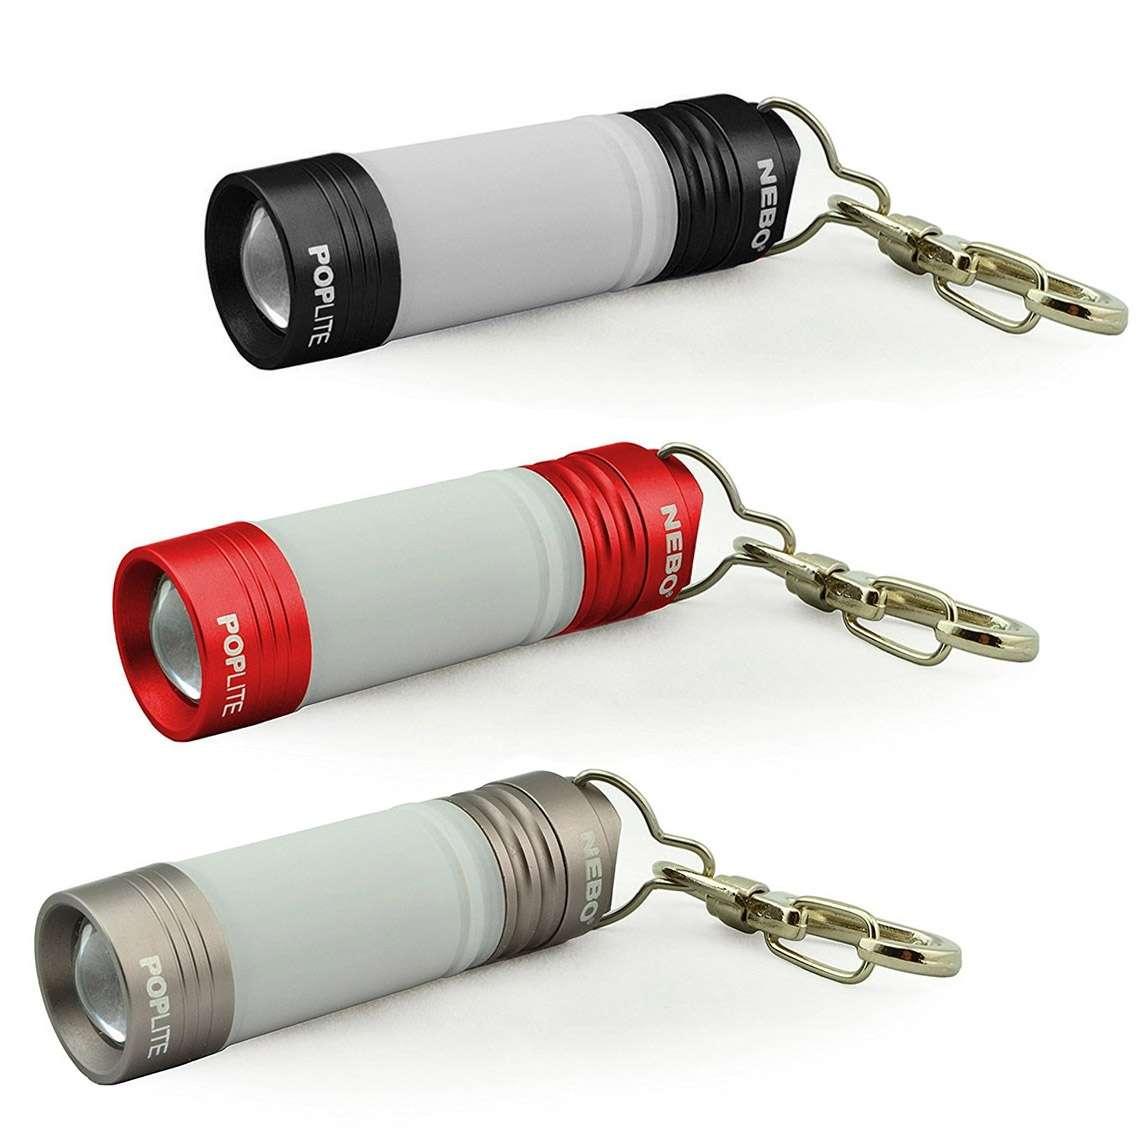 đèn pin siêu sáng giá rẻ tphcm